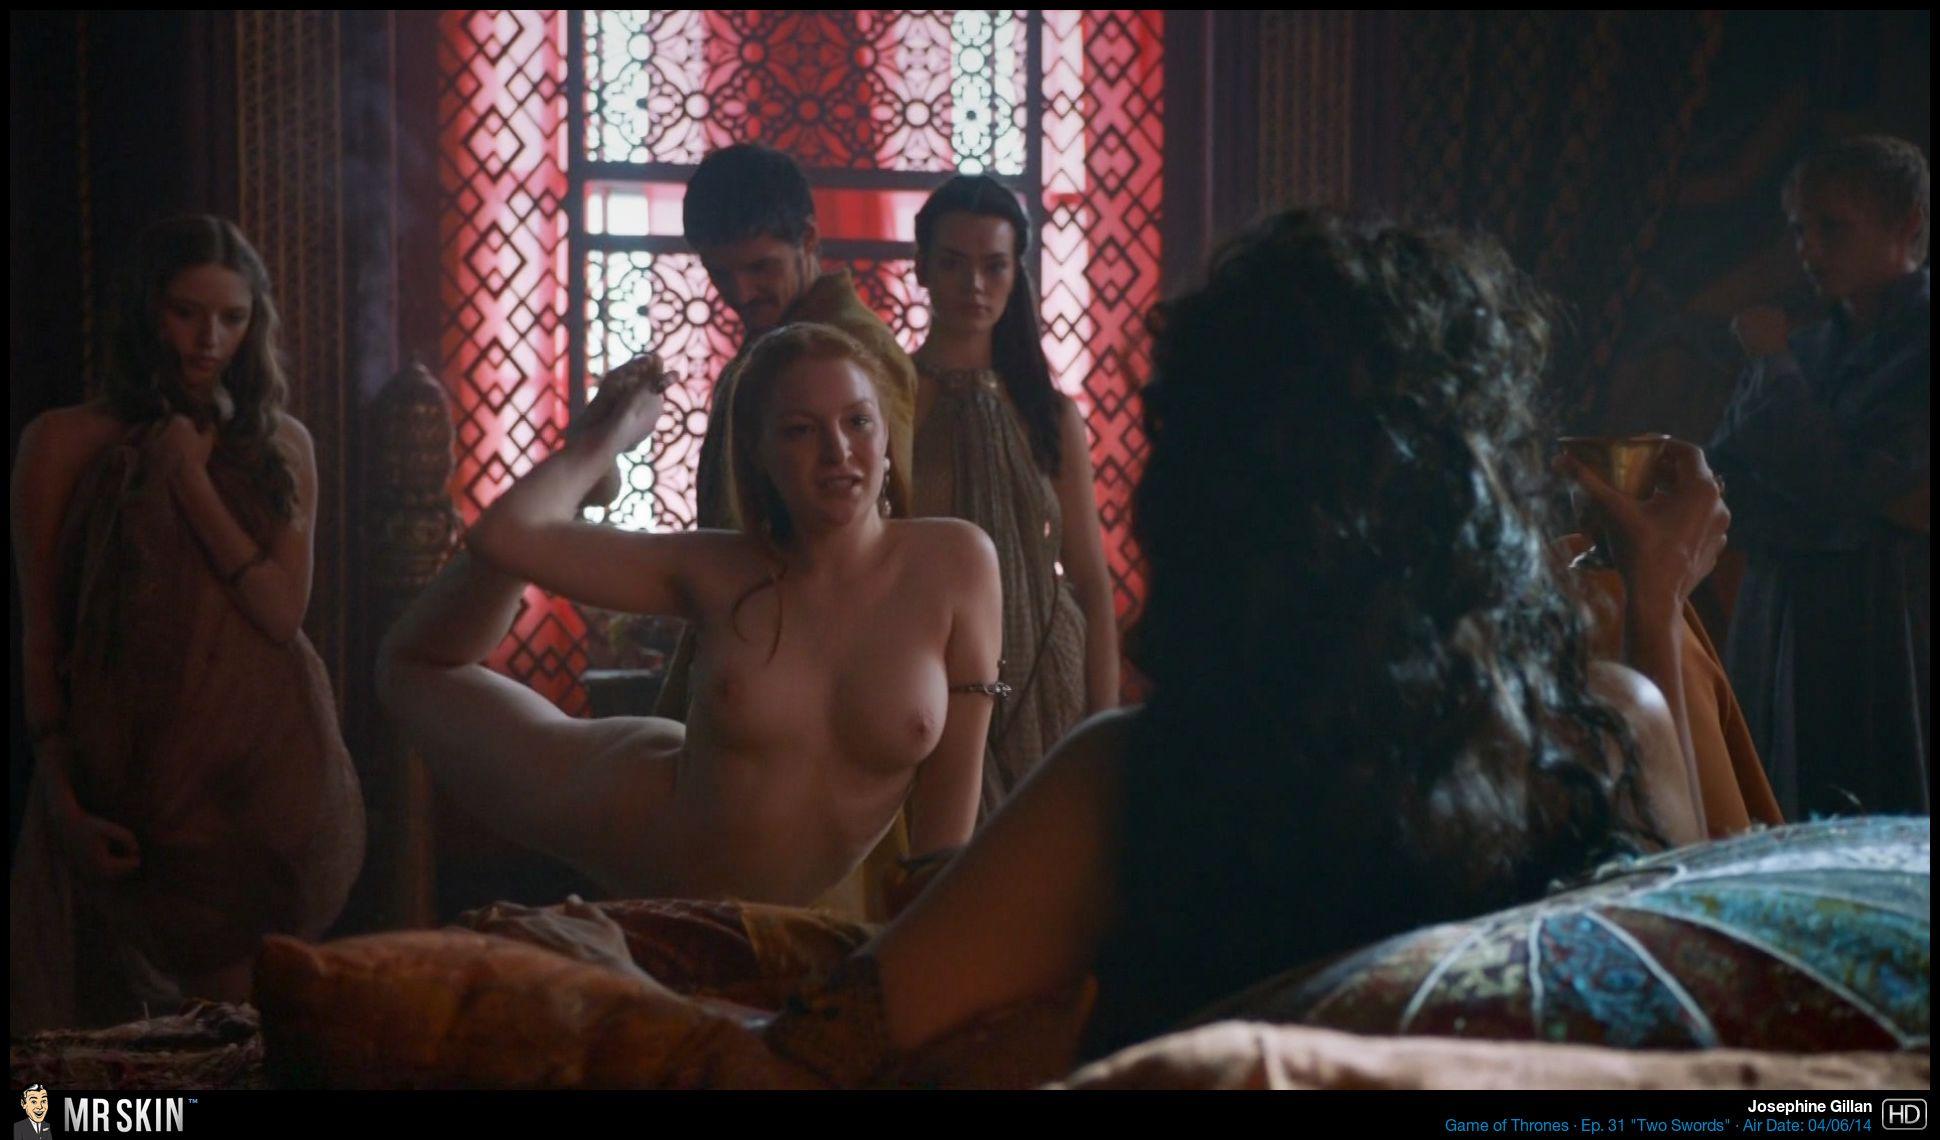 vikingi-eroticheskie-momenti